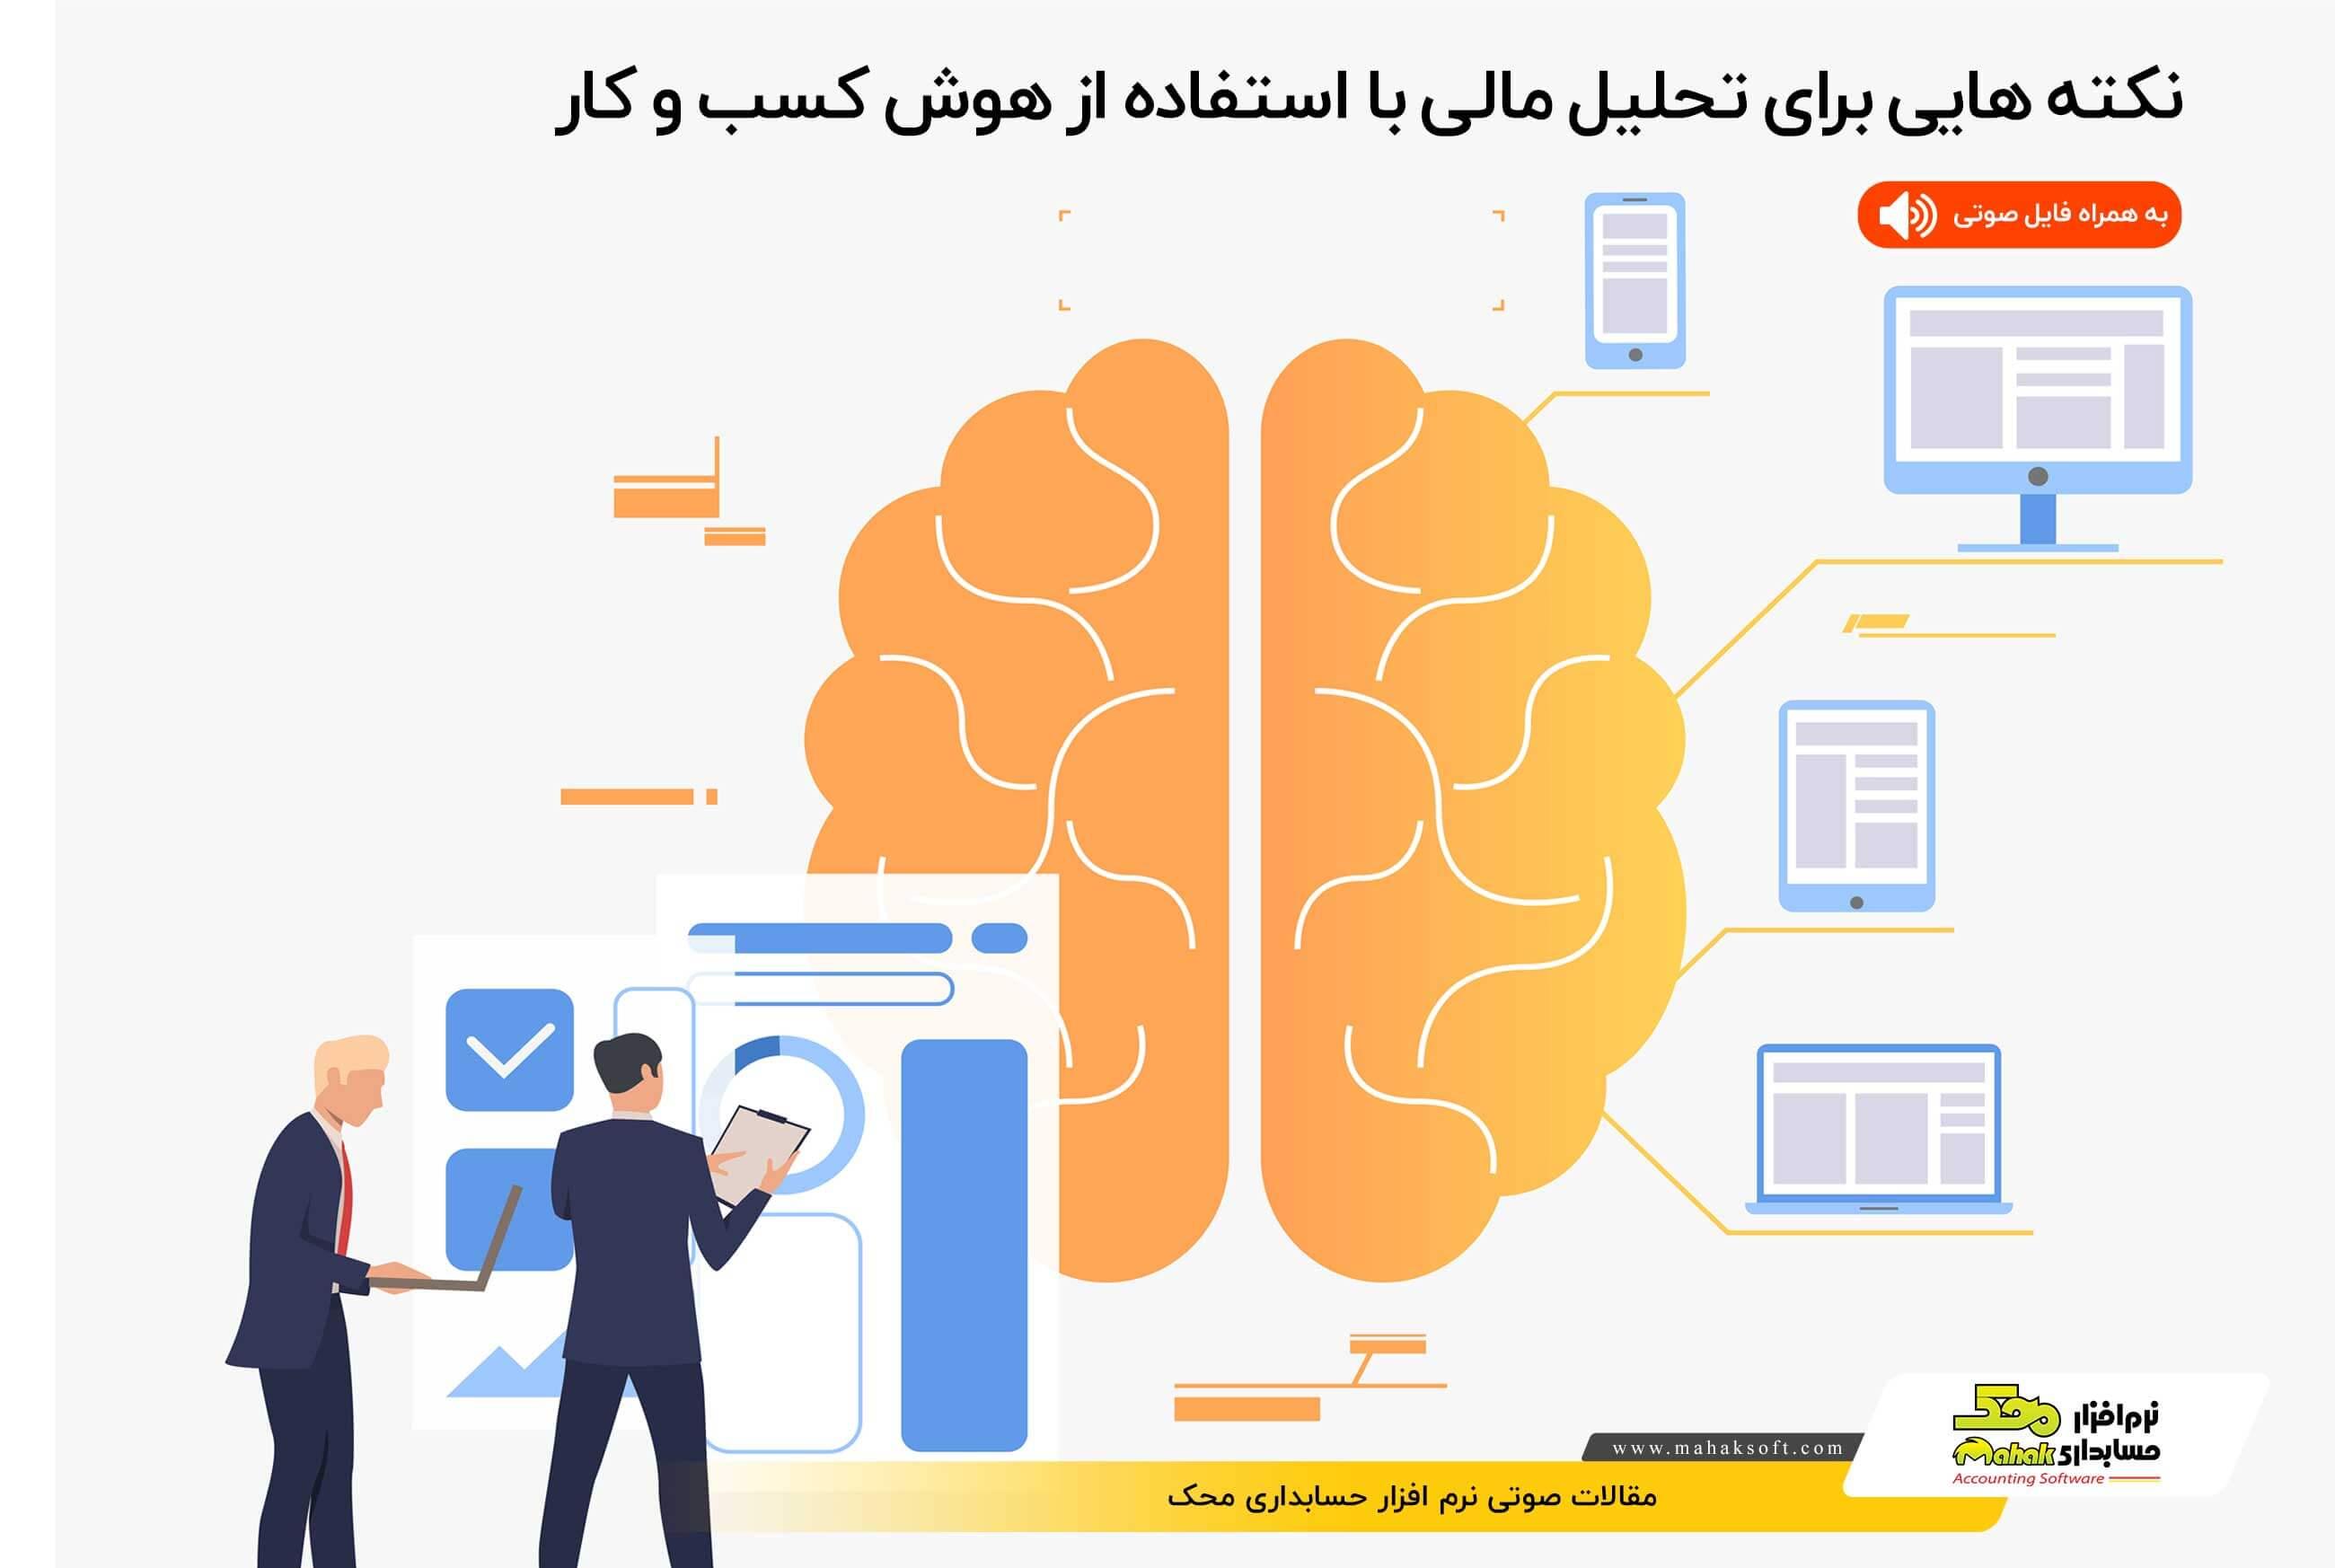 نکته هایی برای تحلیل مالی با استفاده از هوش کسب و کار